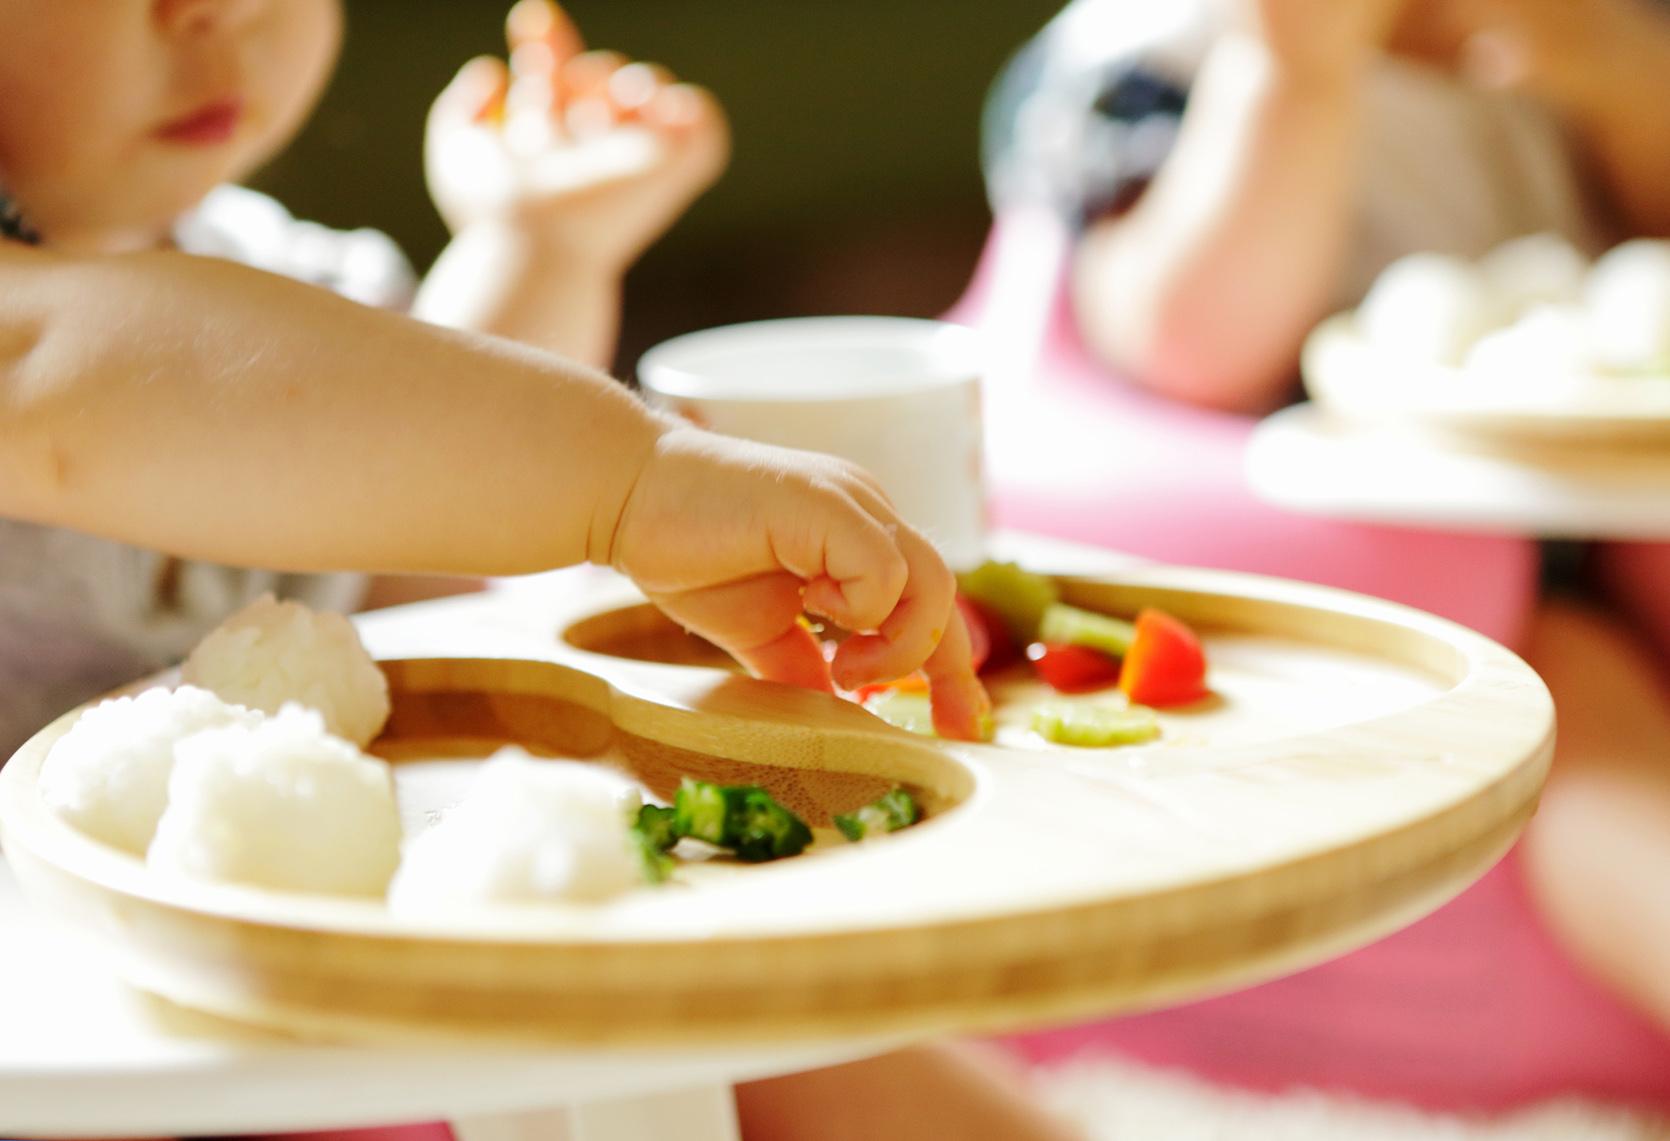 Najlepsze przekąski dla niemowlaka/fot. Getty Images